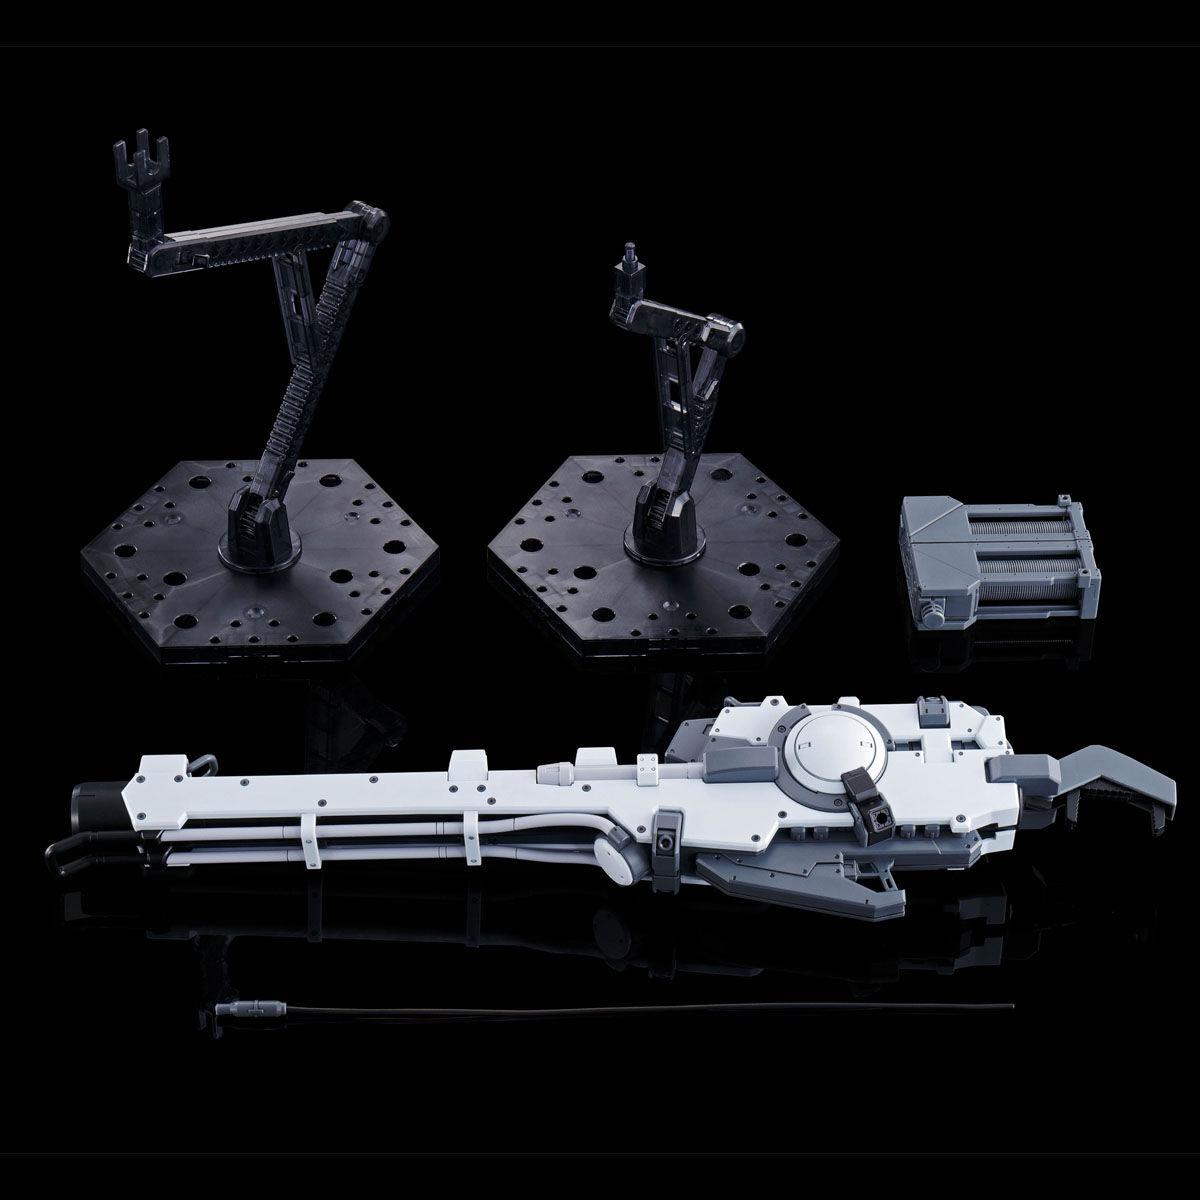 【限定販売】RG 1/144『Hi-νガンダム専用ハイパー・メガ・バズーカ・ランチャー』逆襲のシャア プラモデル-002